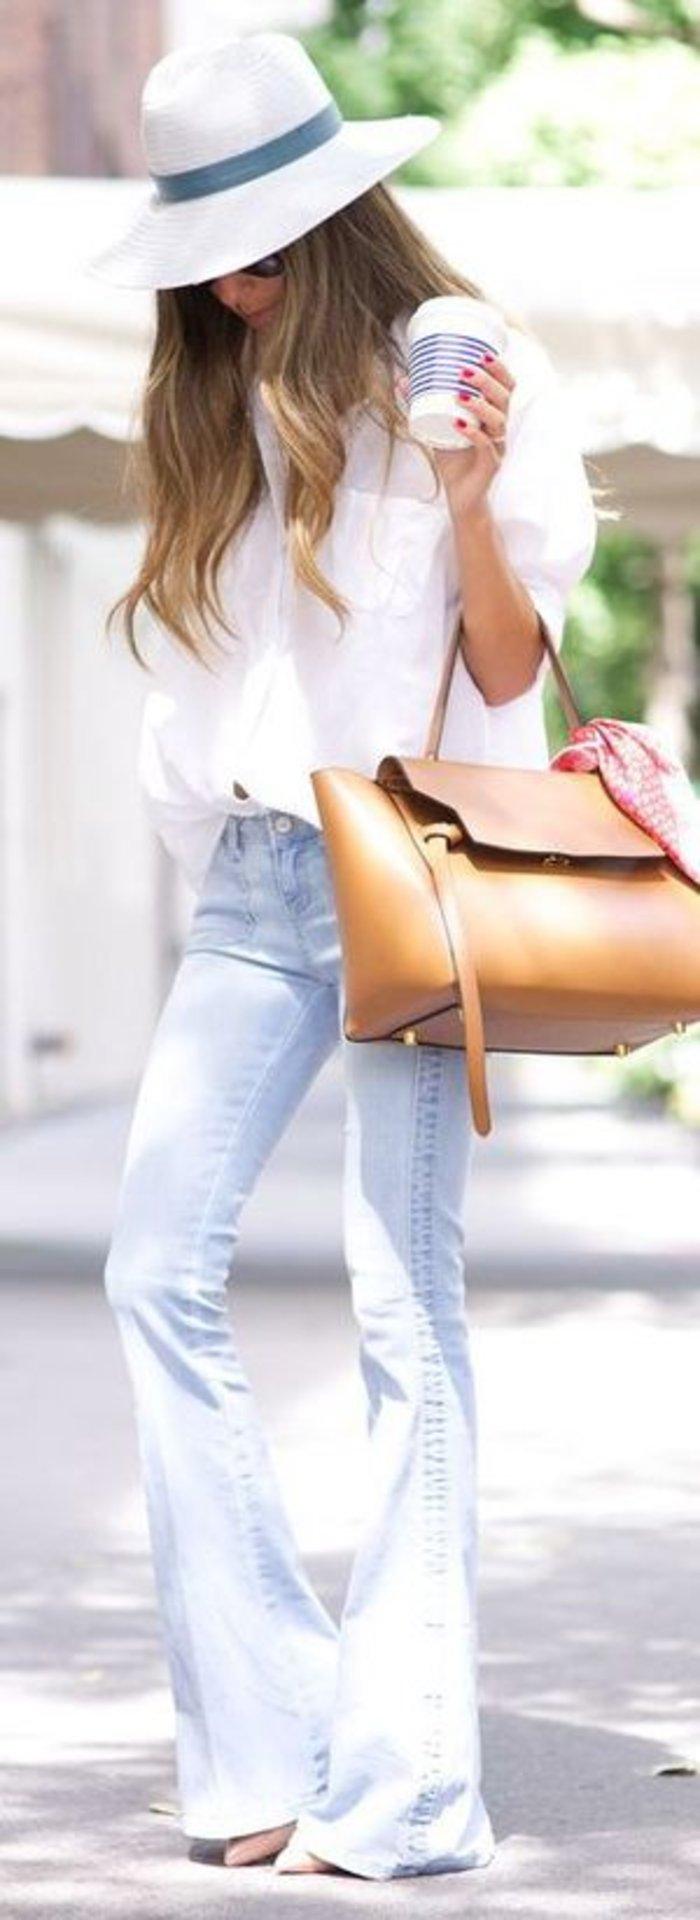 Στενό τζιν καμπάνα συνδυασμένο με oversized πουκάμισο. Ιδανικό για πρωινό καφέ ή για casual Friday στο γραφείο, συνδυασμένο με μεγάλη τσάντα.